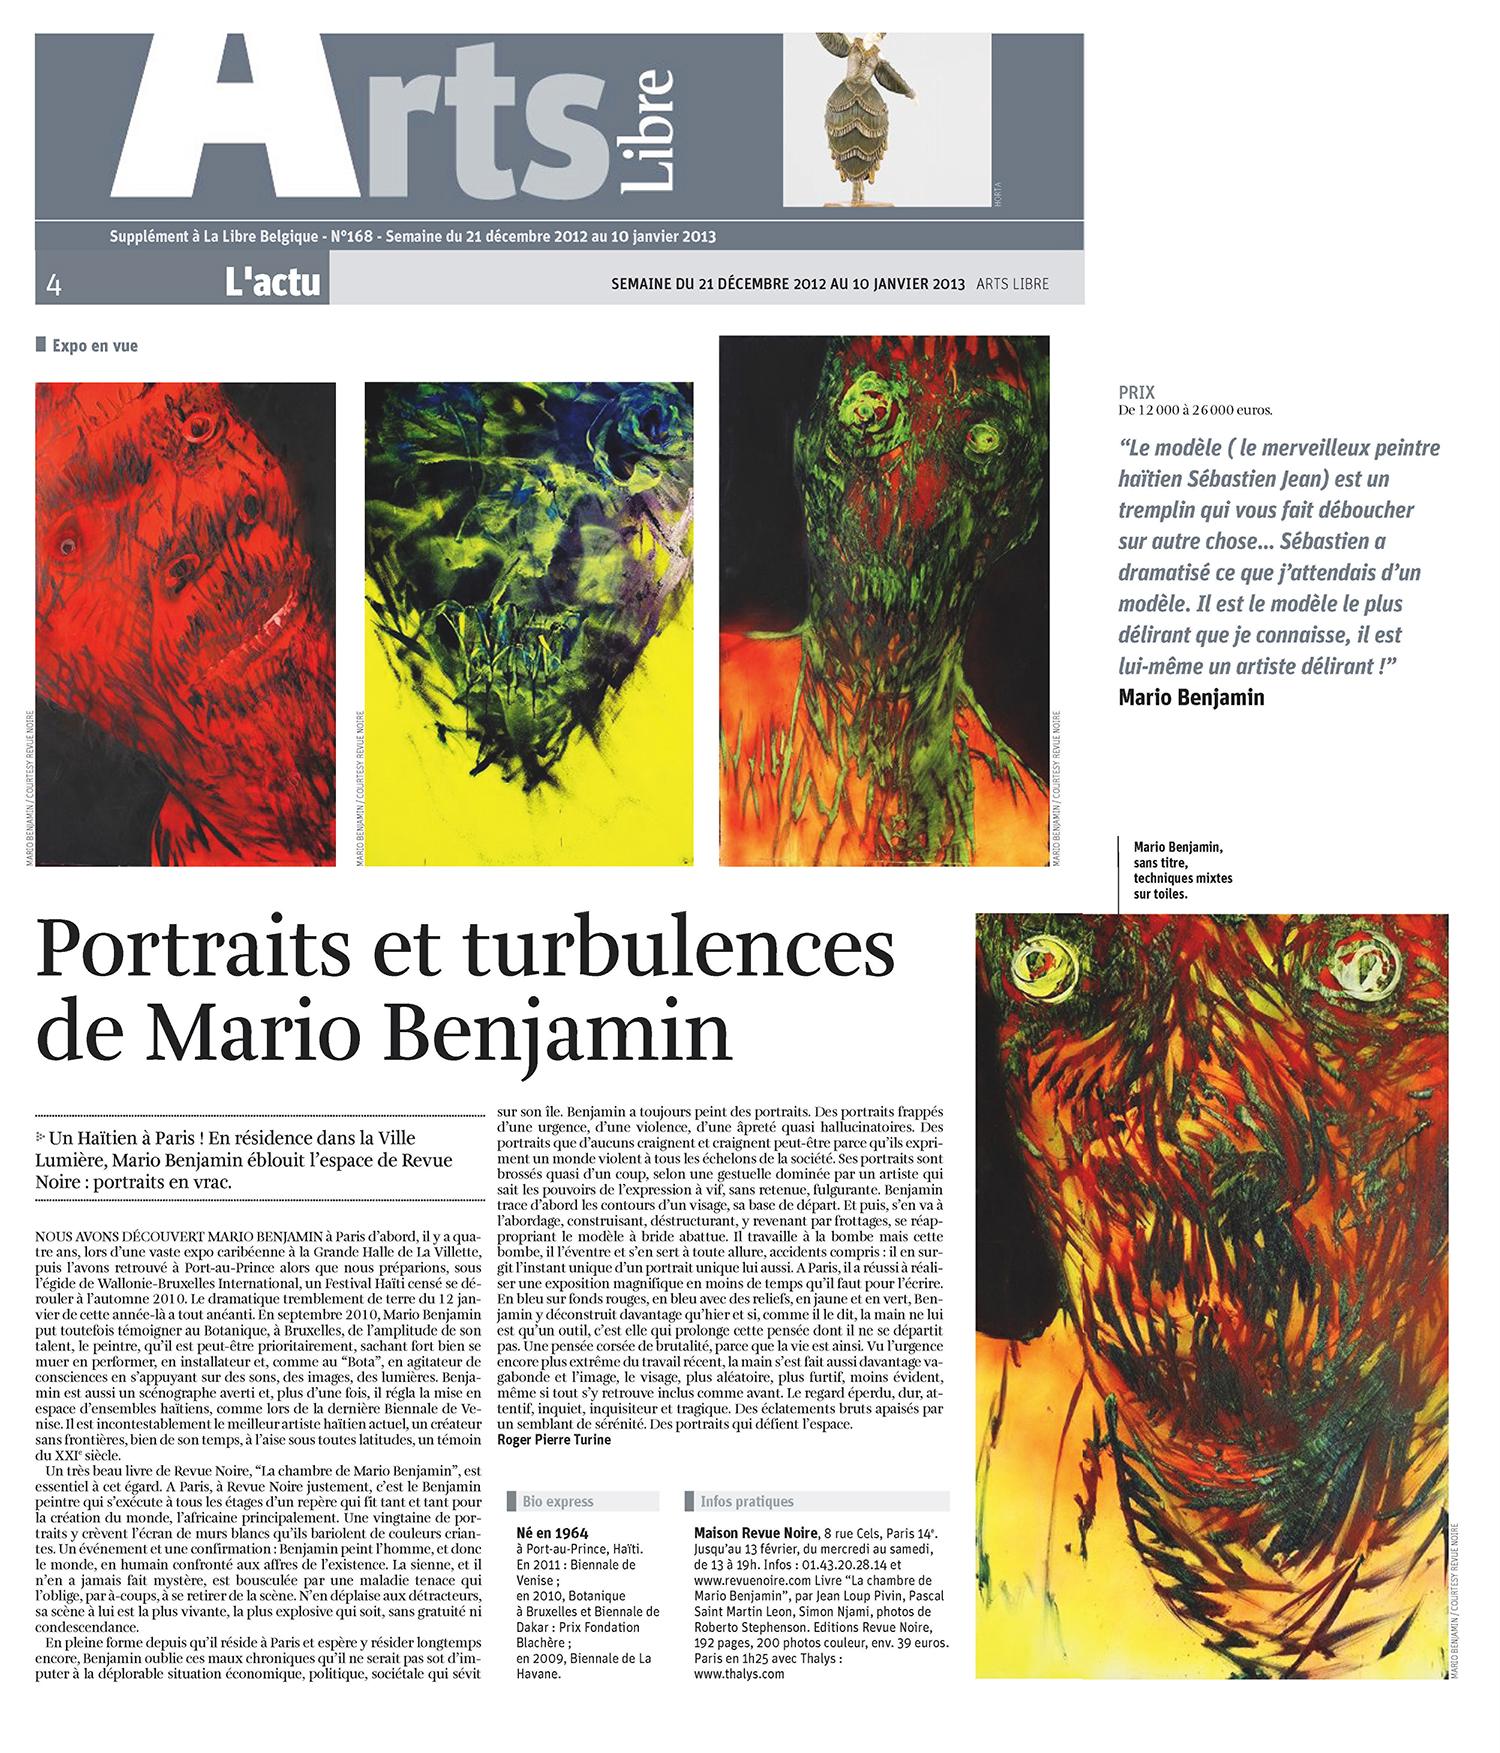 REVUE NOIRE revue de presse: Libre Belgique dec 2012 par Roger-Pierre Turine. Portraits et turbulences de Mario Benjamin. Expo à la Maison Revue Noire